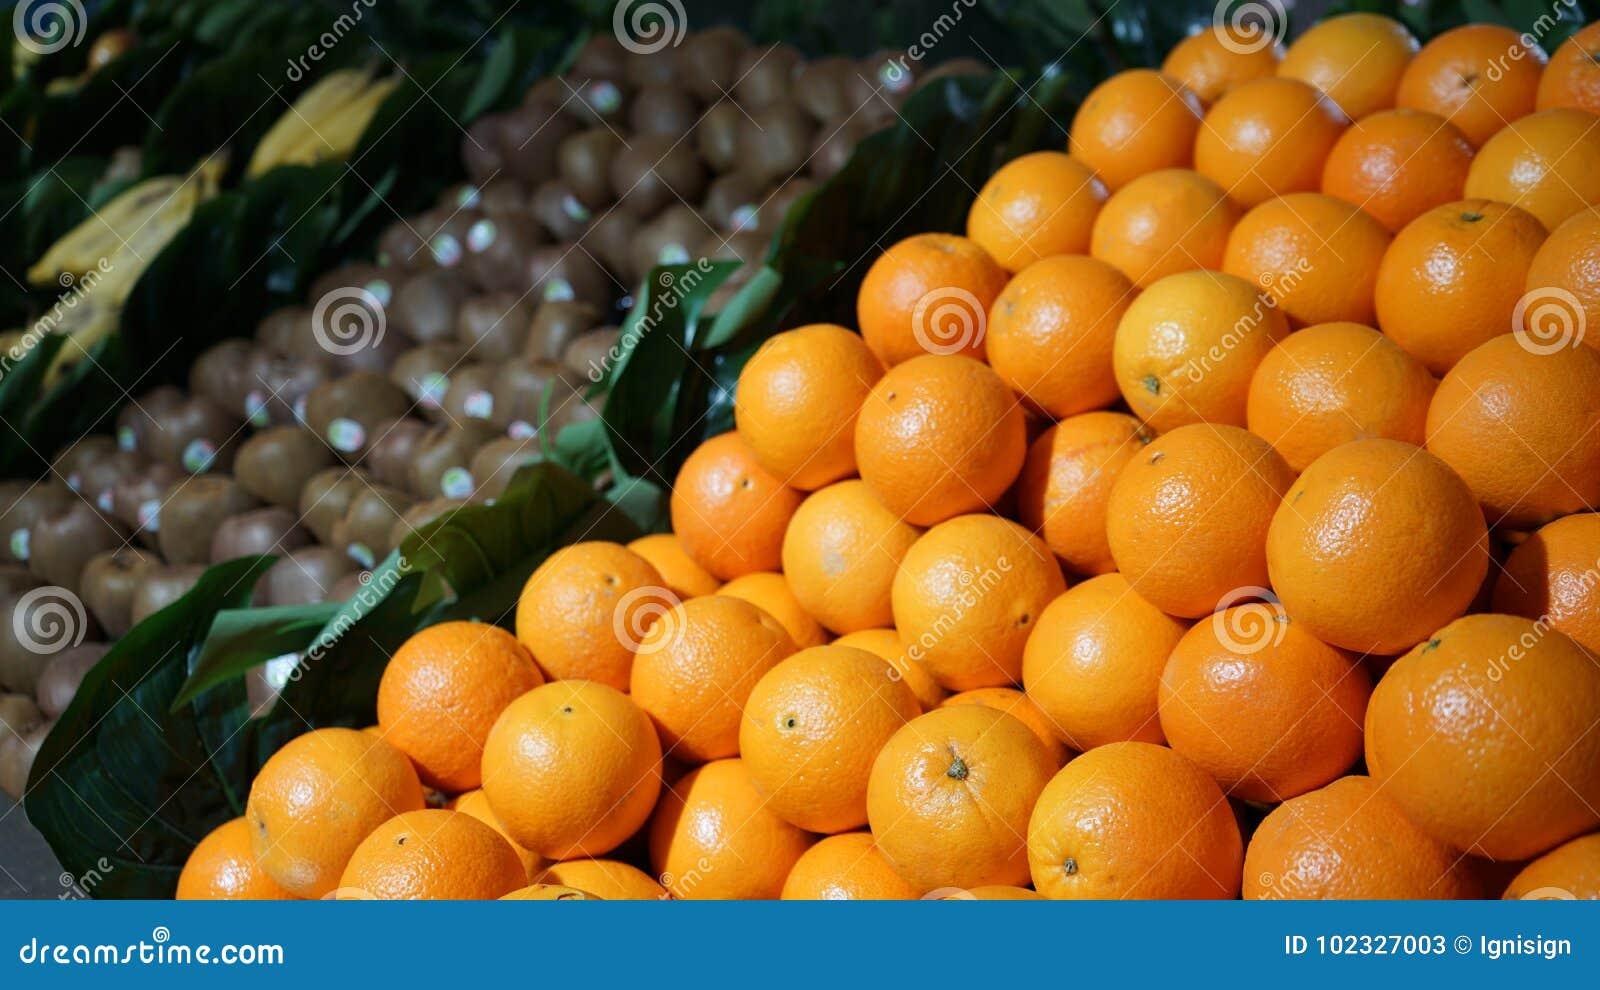 Świeże organicznie owoc pomarańcze, kiwi, banany na pokazie w rolnikach wprowadzać na rynek